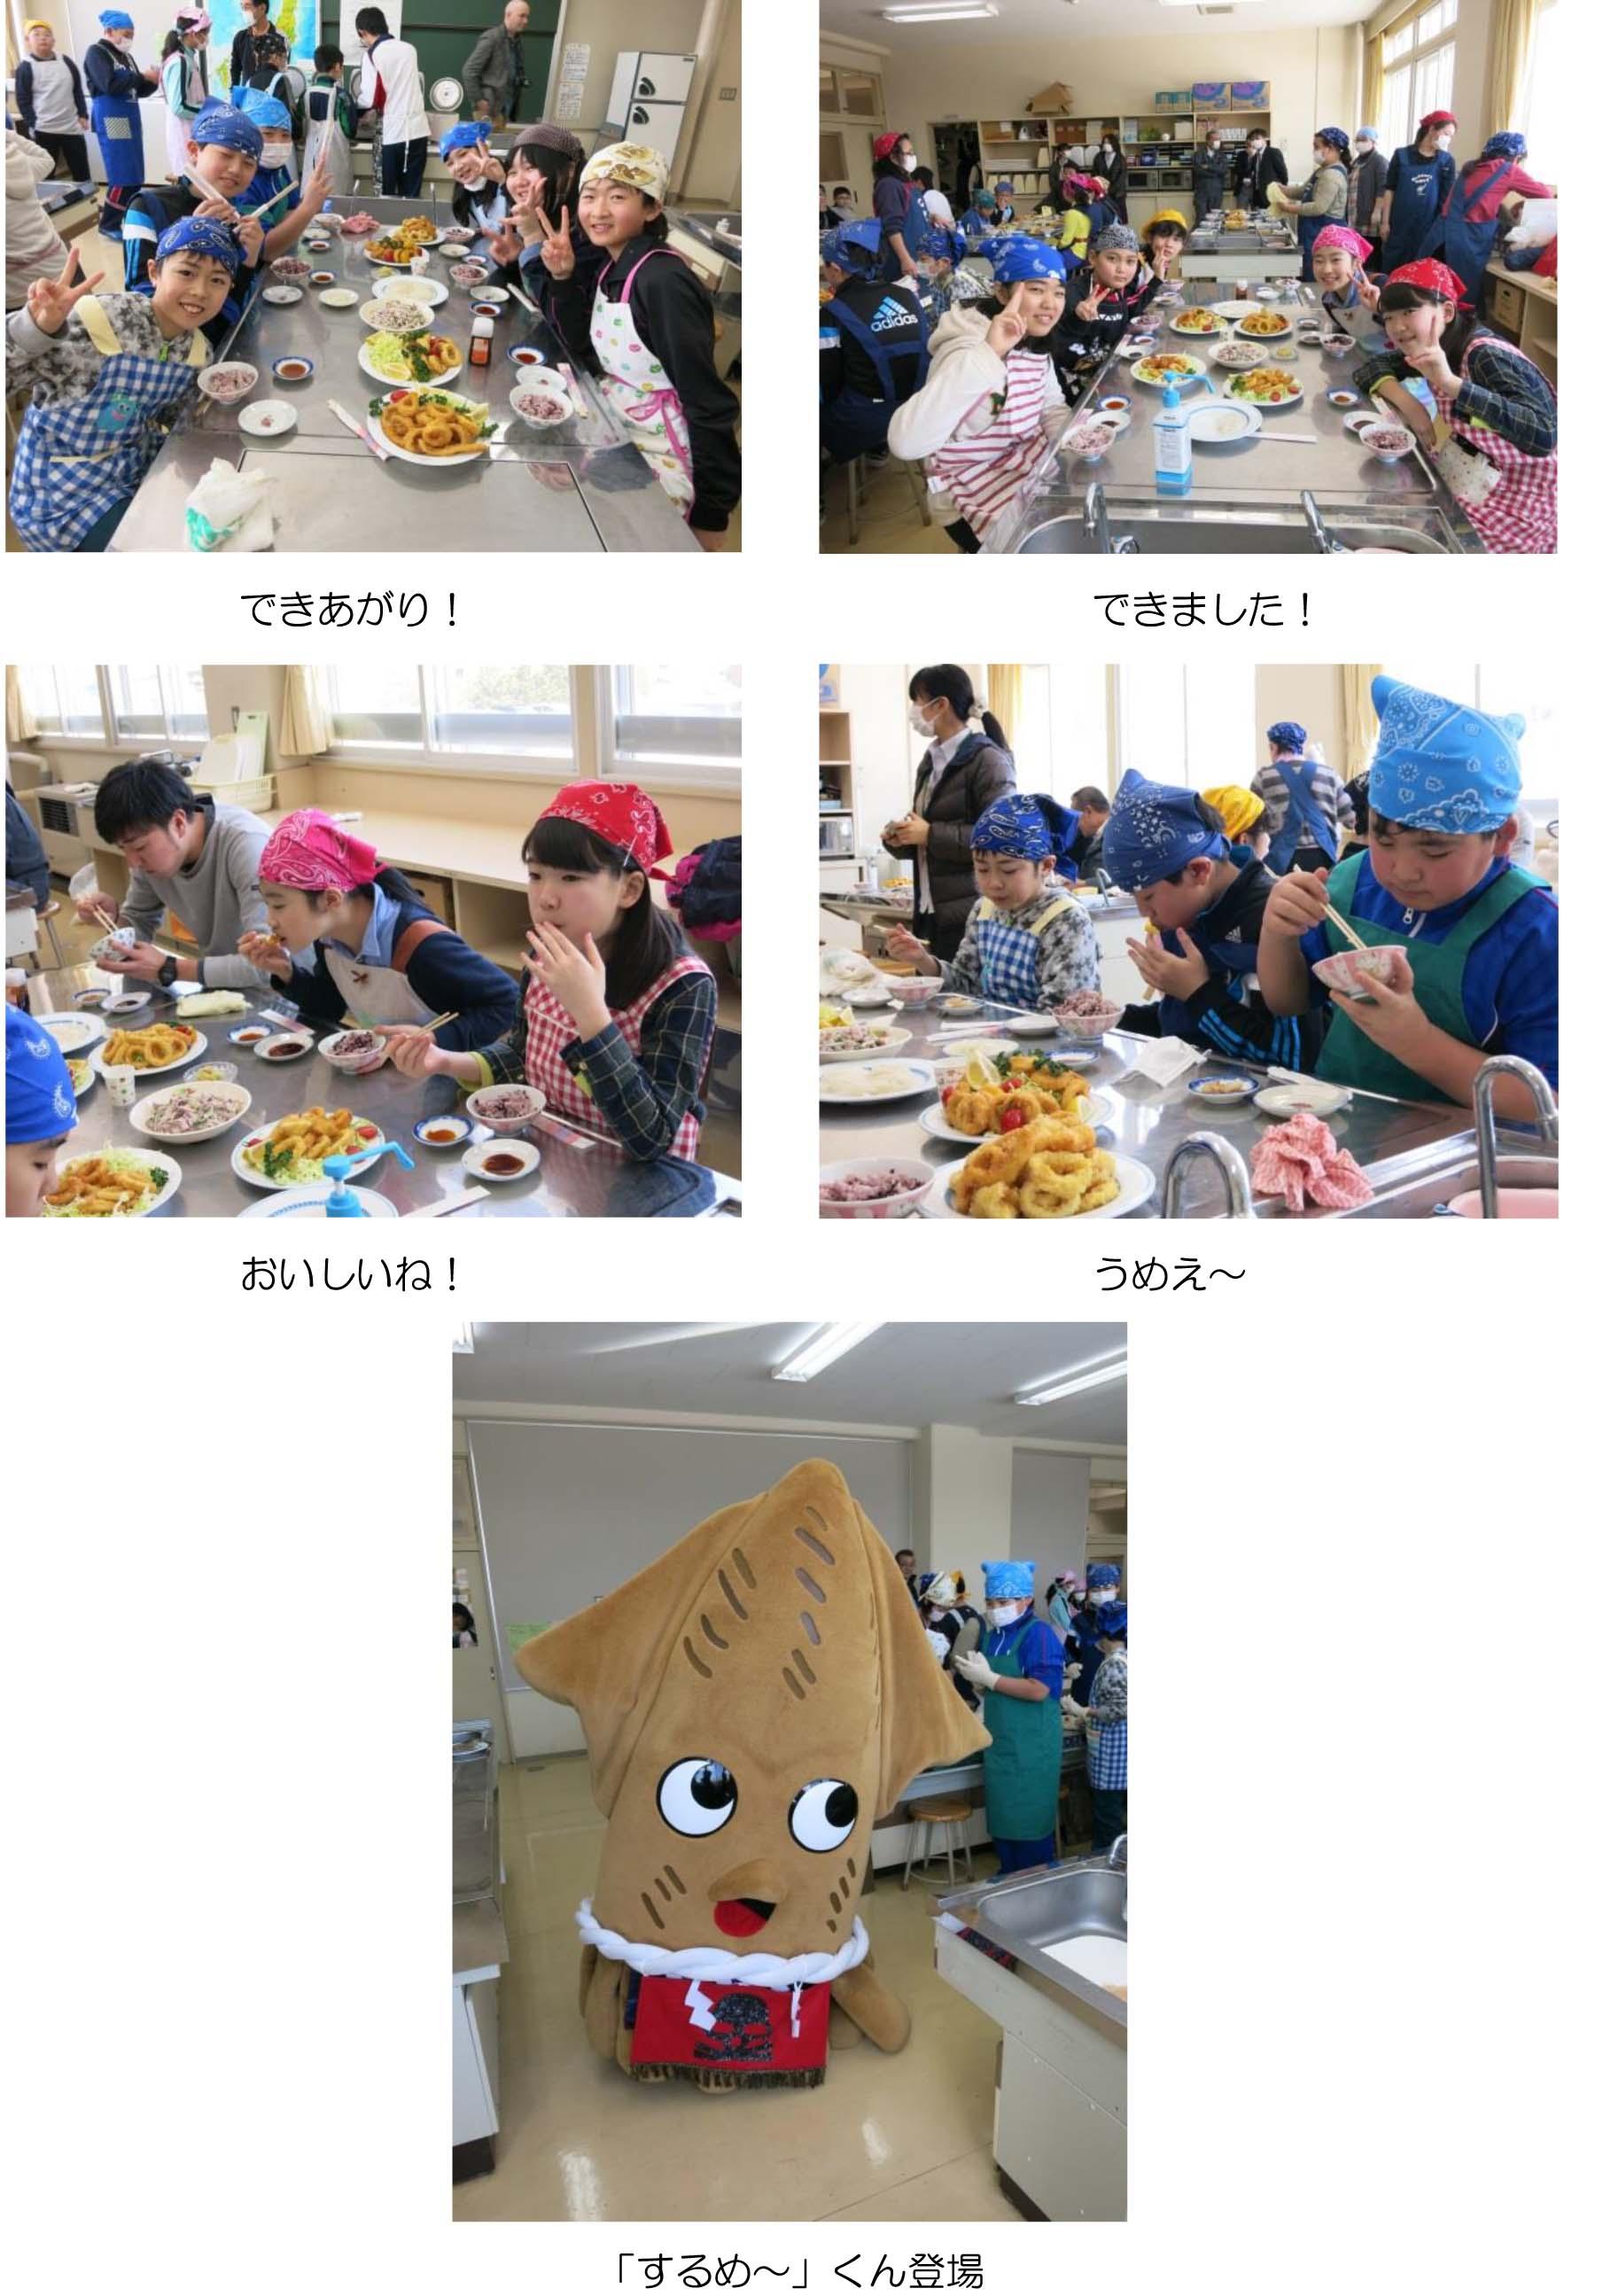 福島小学校において「イカを使用した食育教室」を開催-2